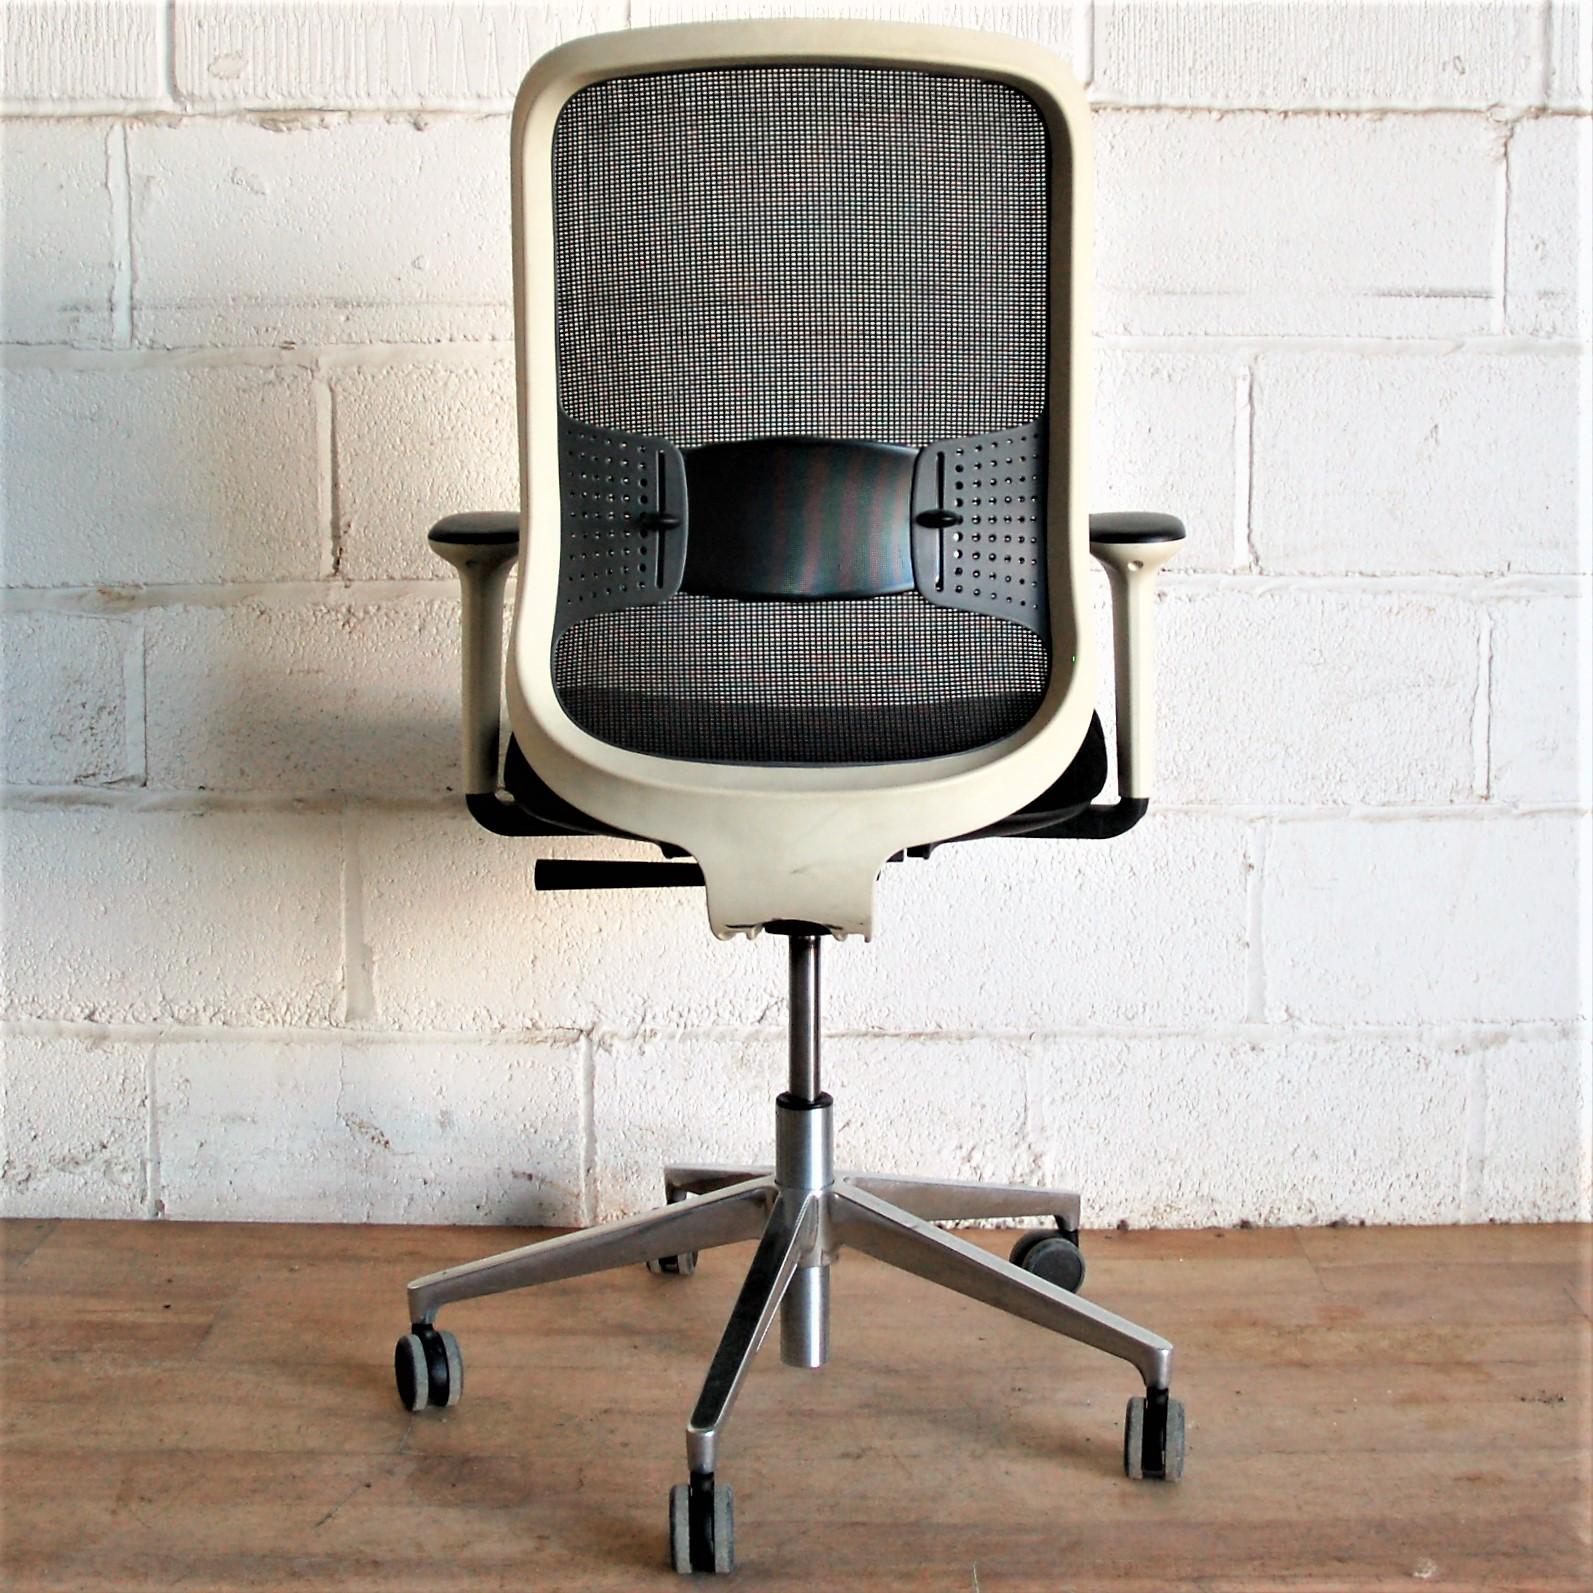 Wondrous Orangebox Do Mesh Task Chair Black White 2154 Inzonedesignstudio Interior Chair Design Inzonedesignstudiocom